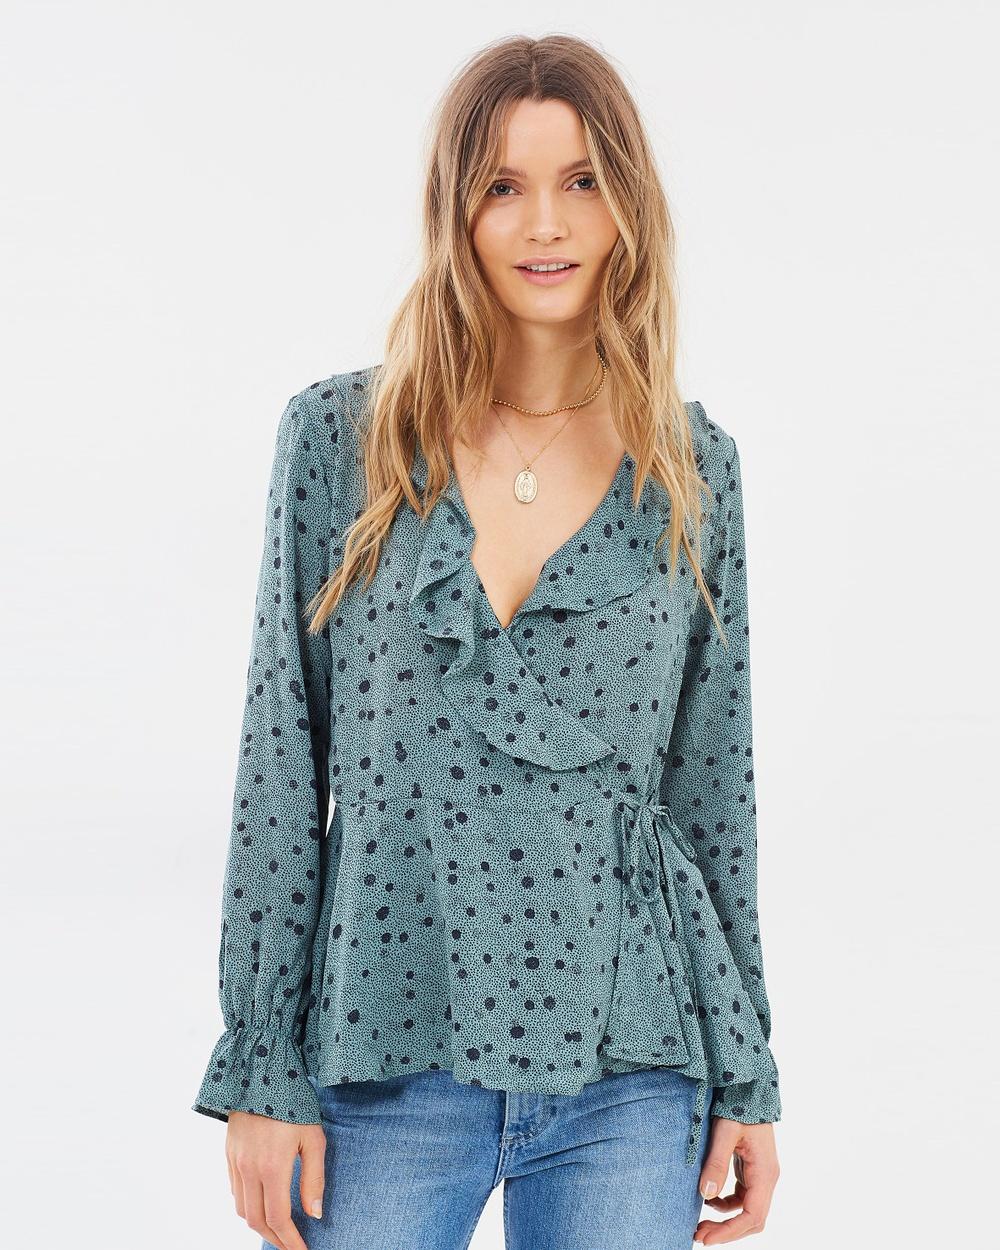 Vero Moda Ciao Long Sleeve Wrap Shirt Tops Chinois Green Ciao Long Sleeve Wrap Shirt